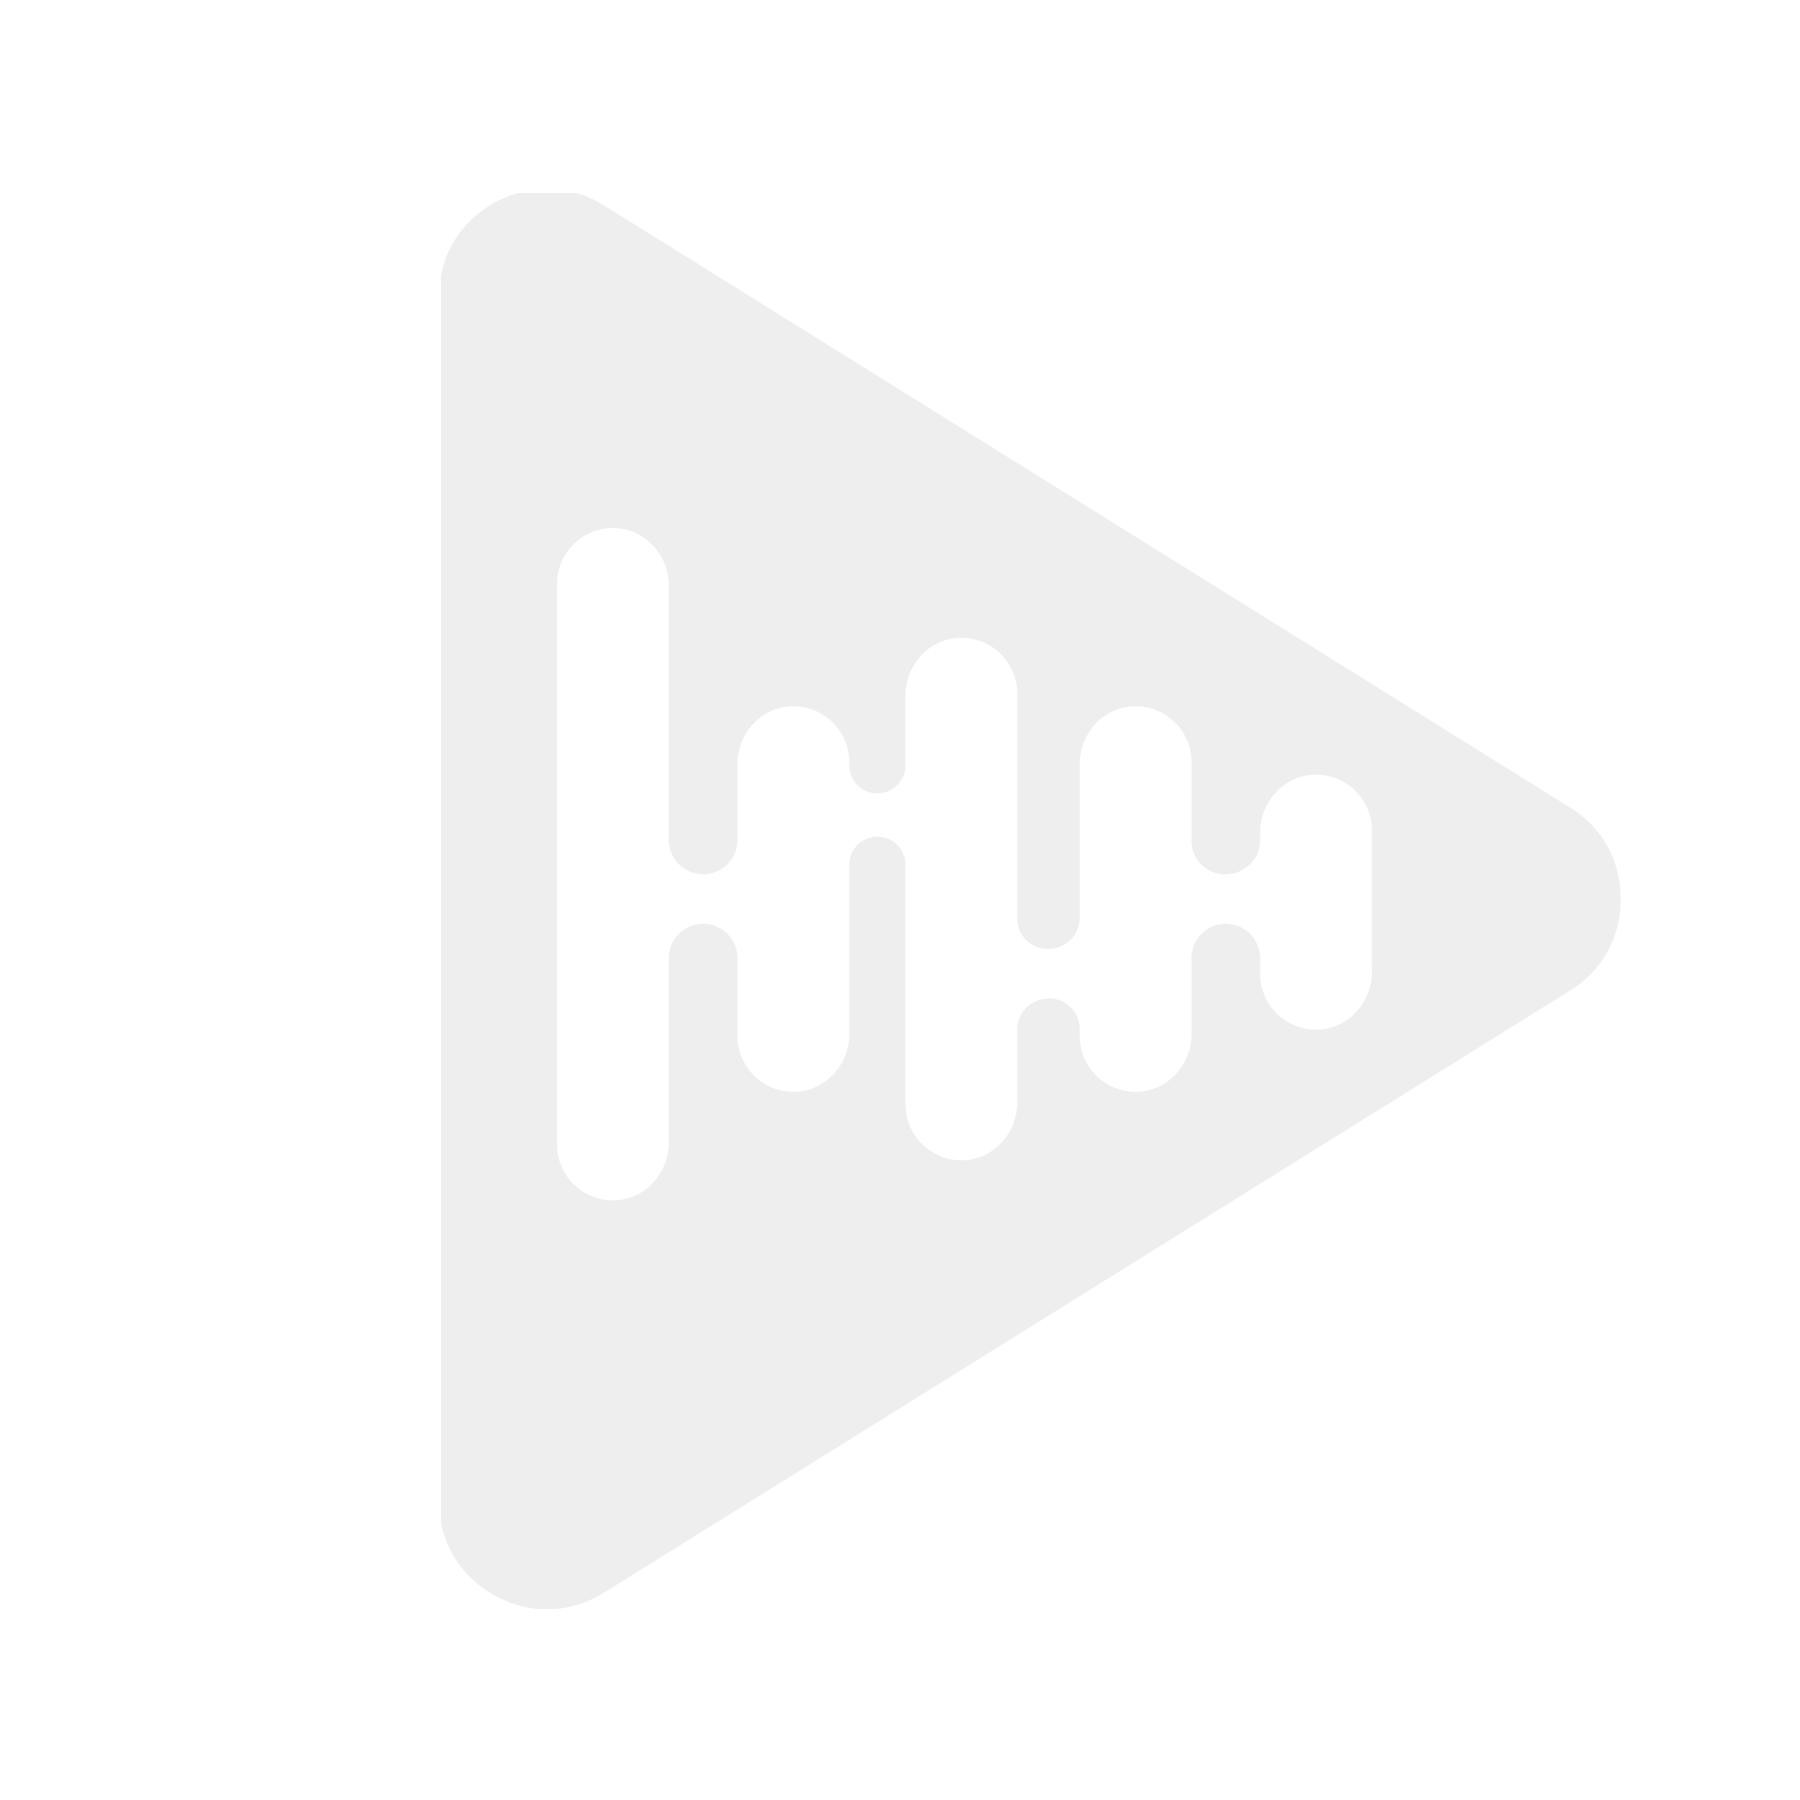 dynaBel BI7560 - Fordelerblokk med sikringsholder for 4stk AGU sikringer